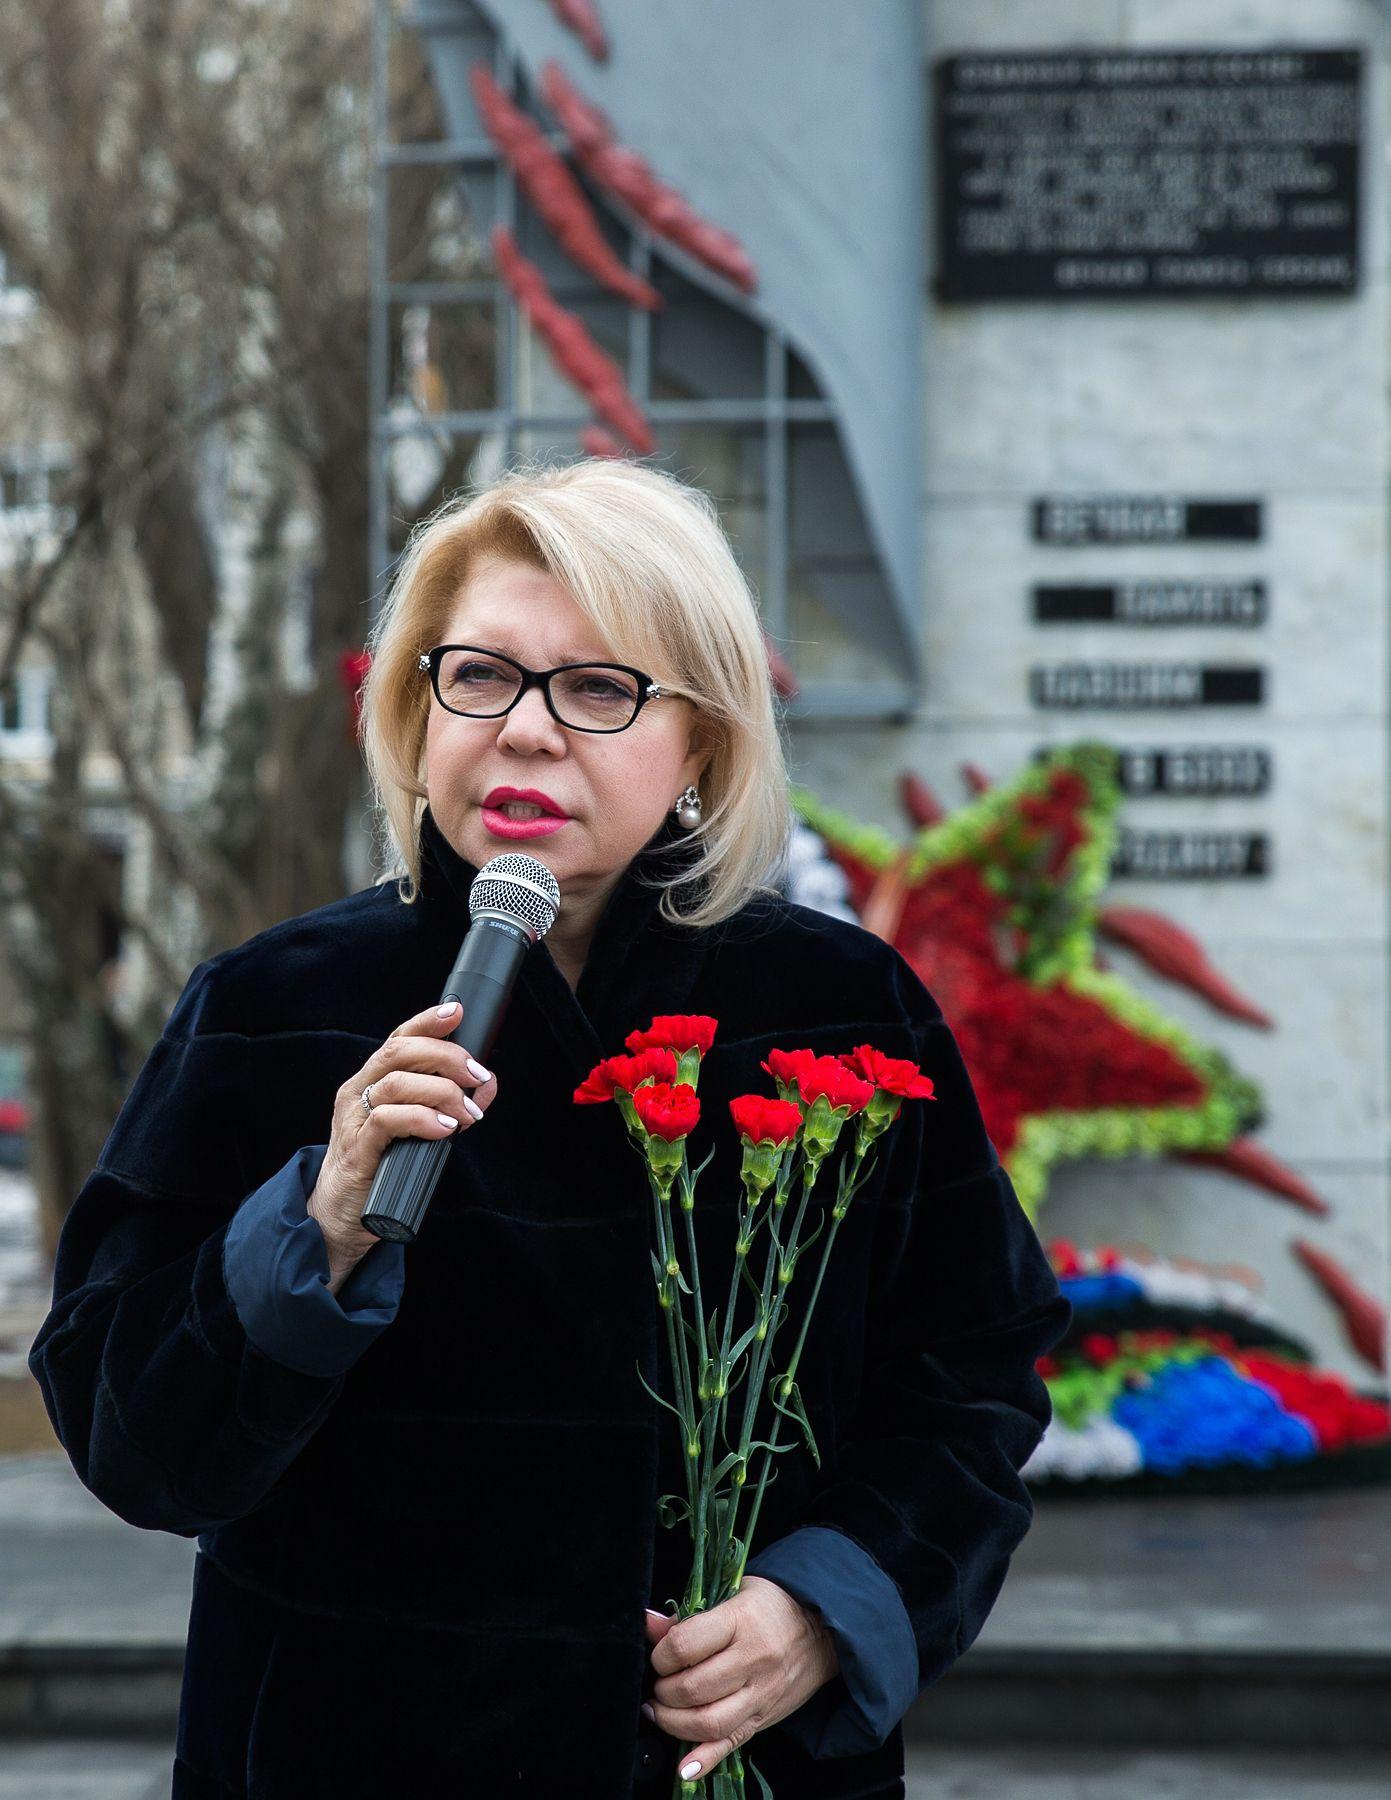 Депутат Государственной Думы Елена Панина поздравляет ветеранов и всех москвичей с Днем защитника Отечества